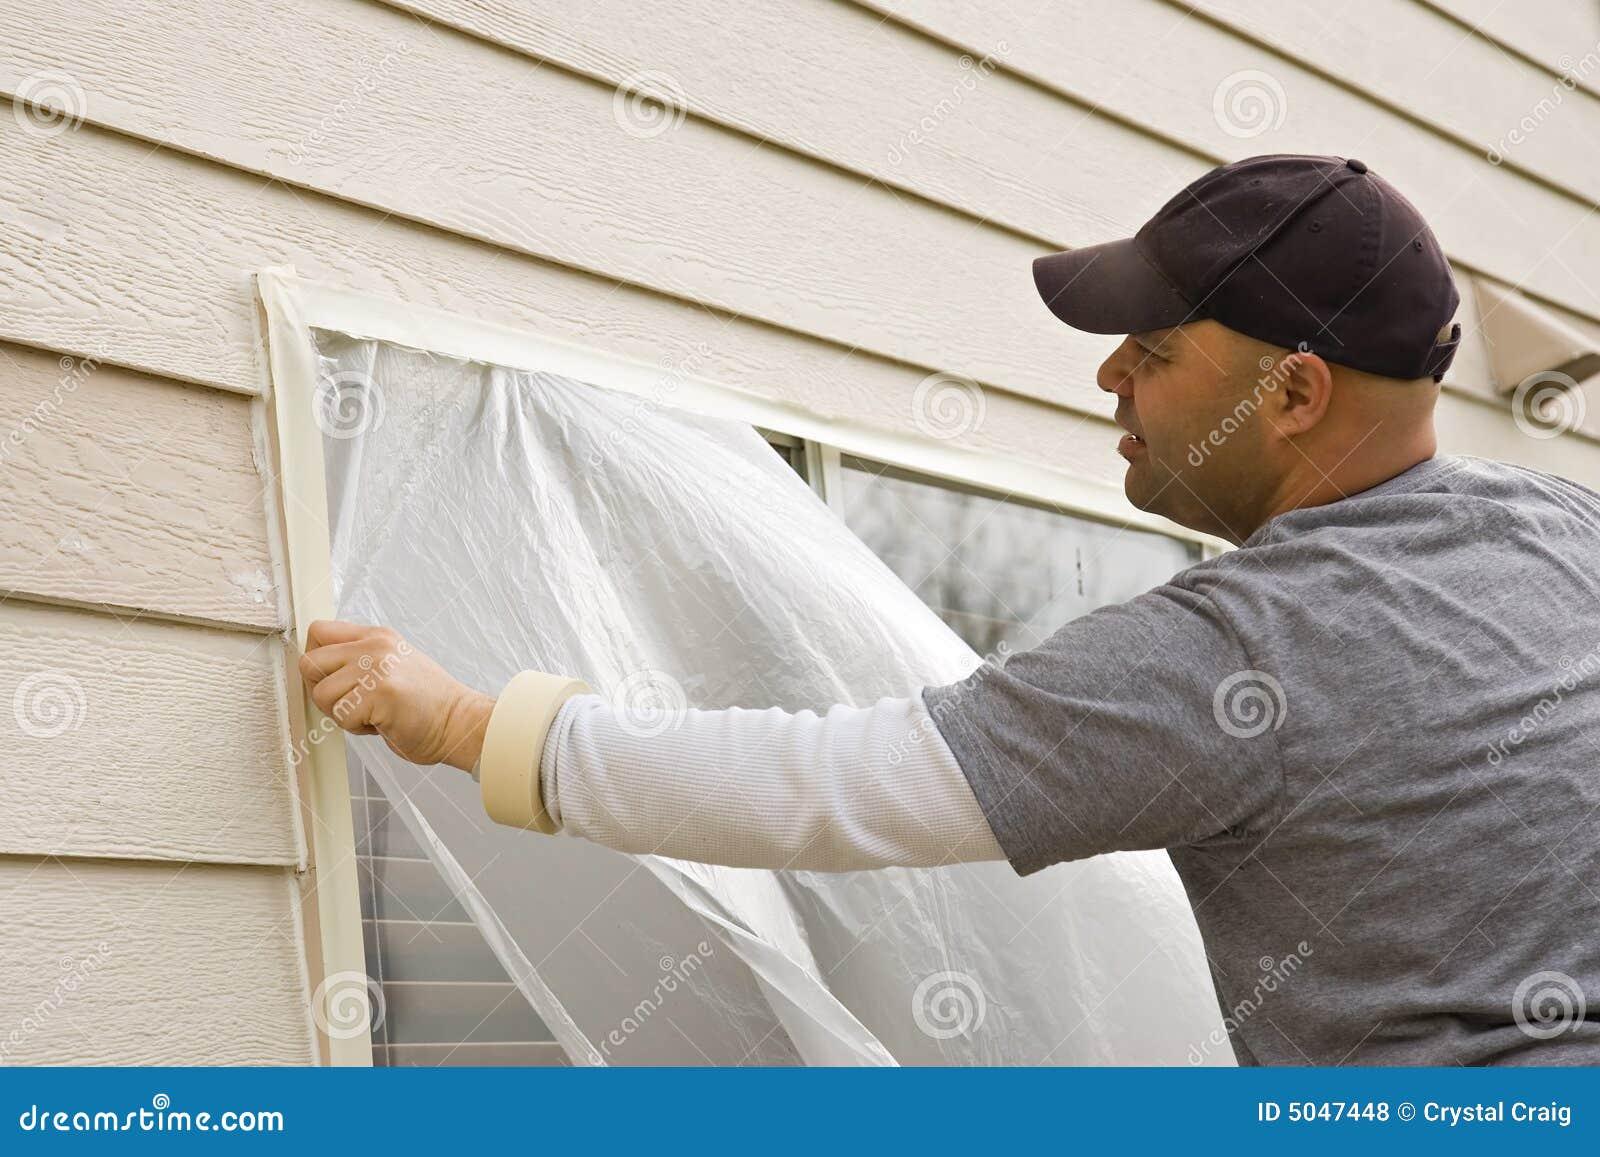 Pintura de casa exterior fotos de stock royalty free for Pintura exterior de casas